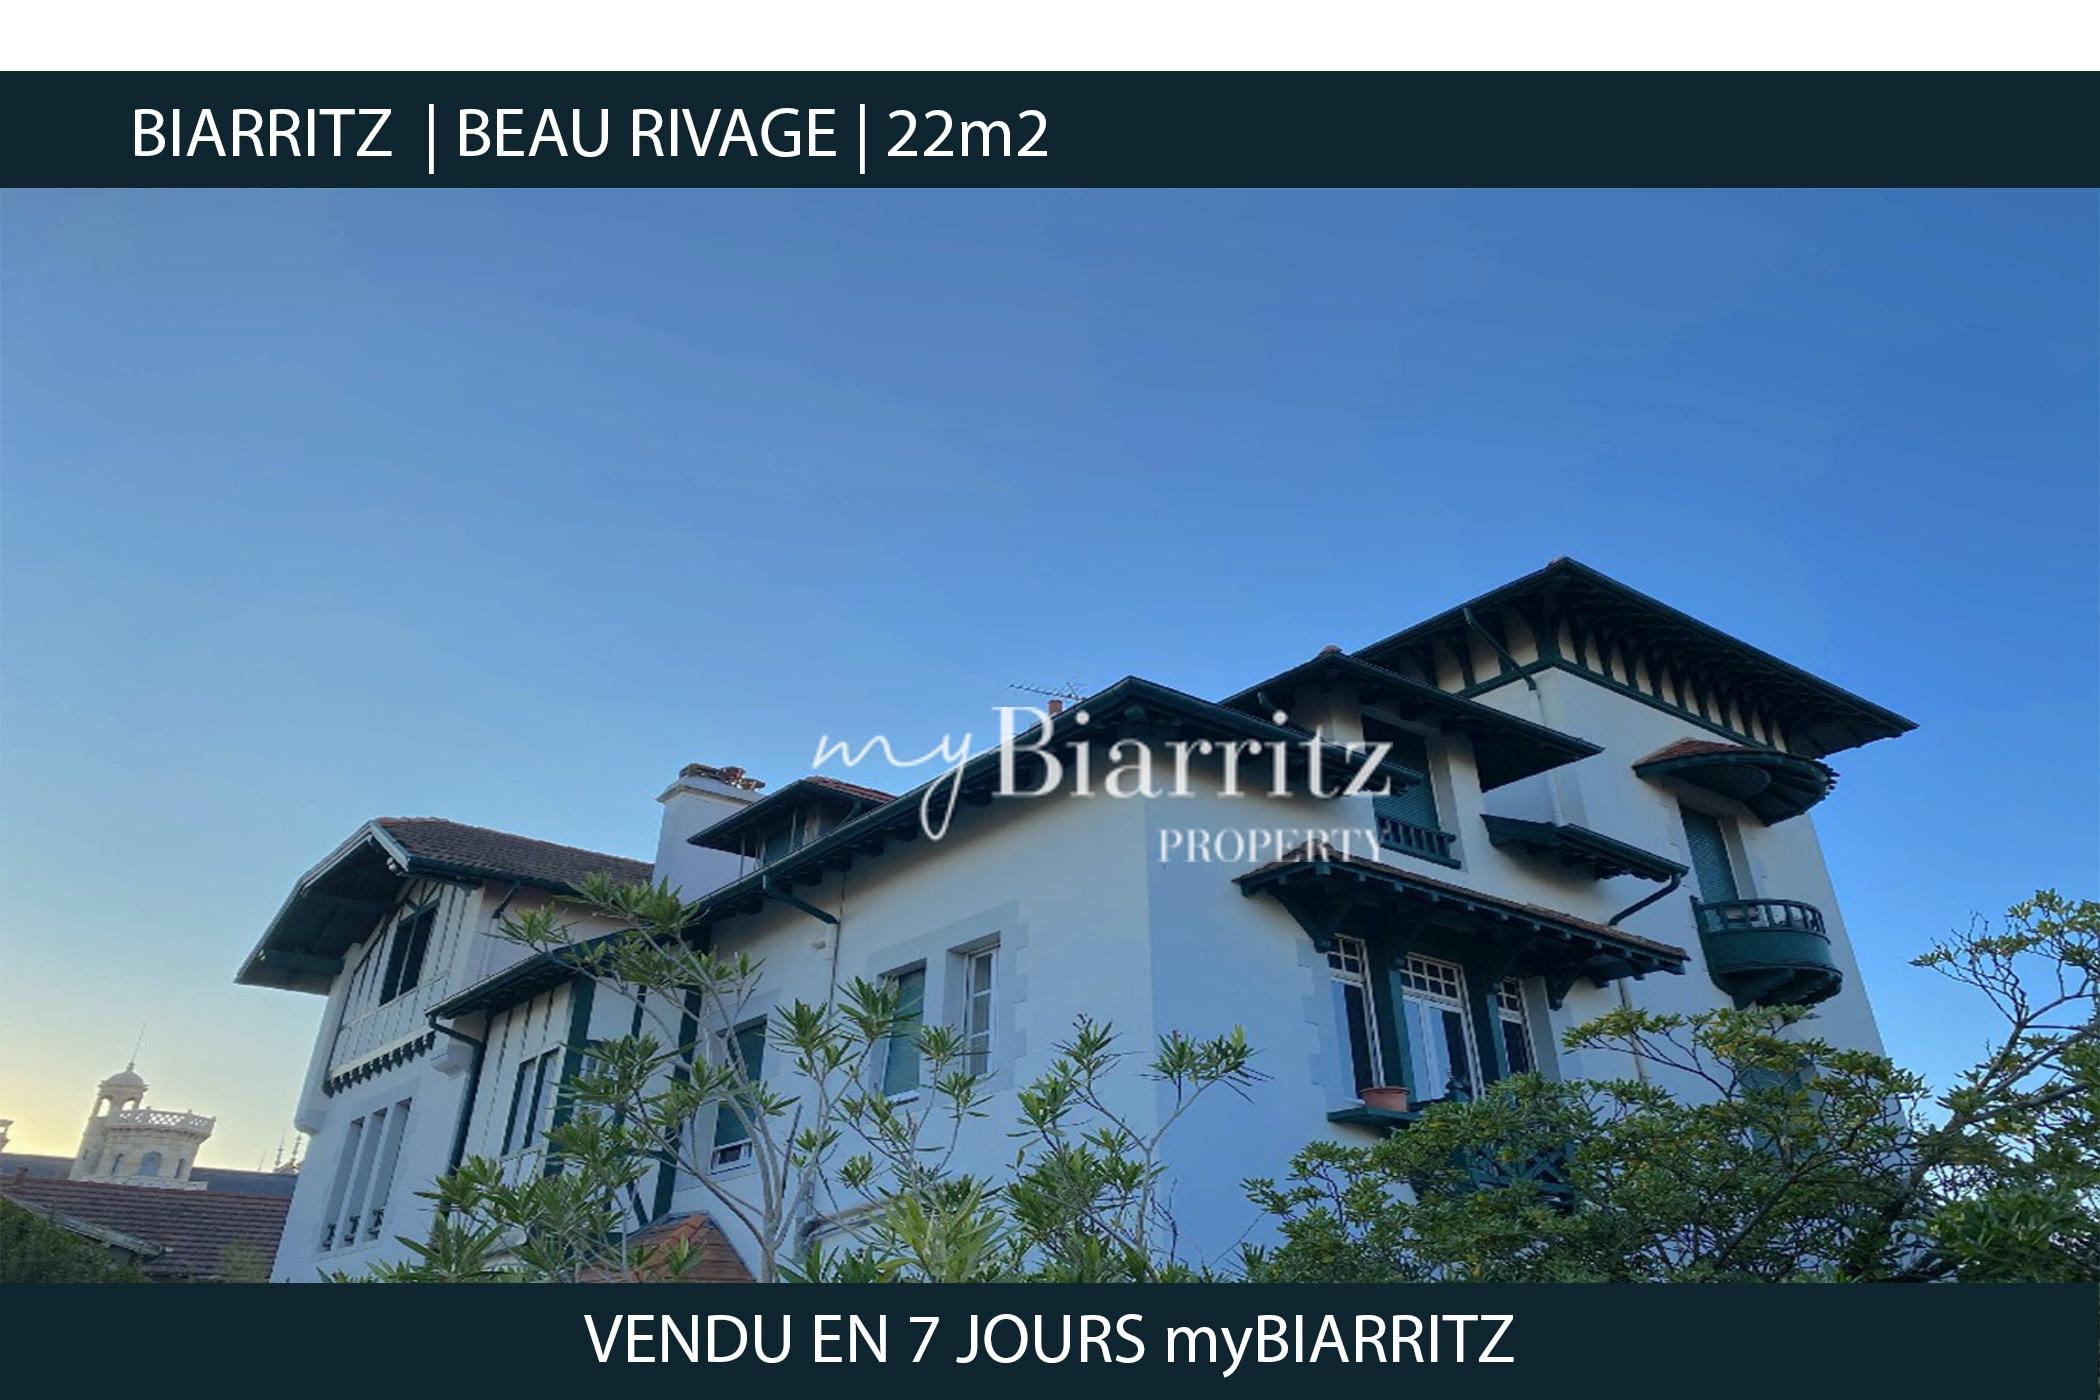 Biarritz-beau-rivage